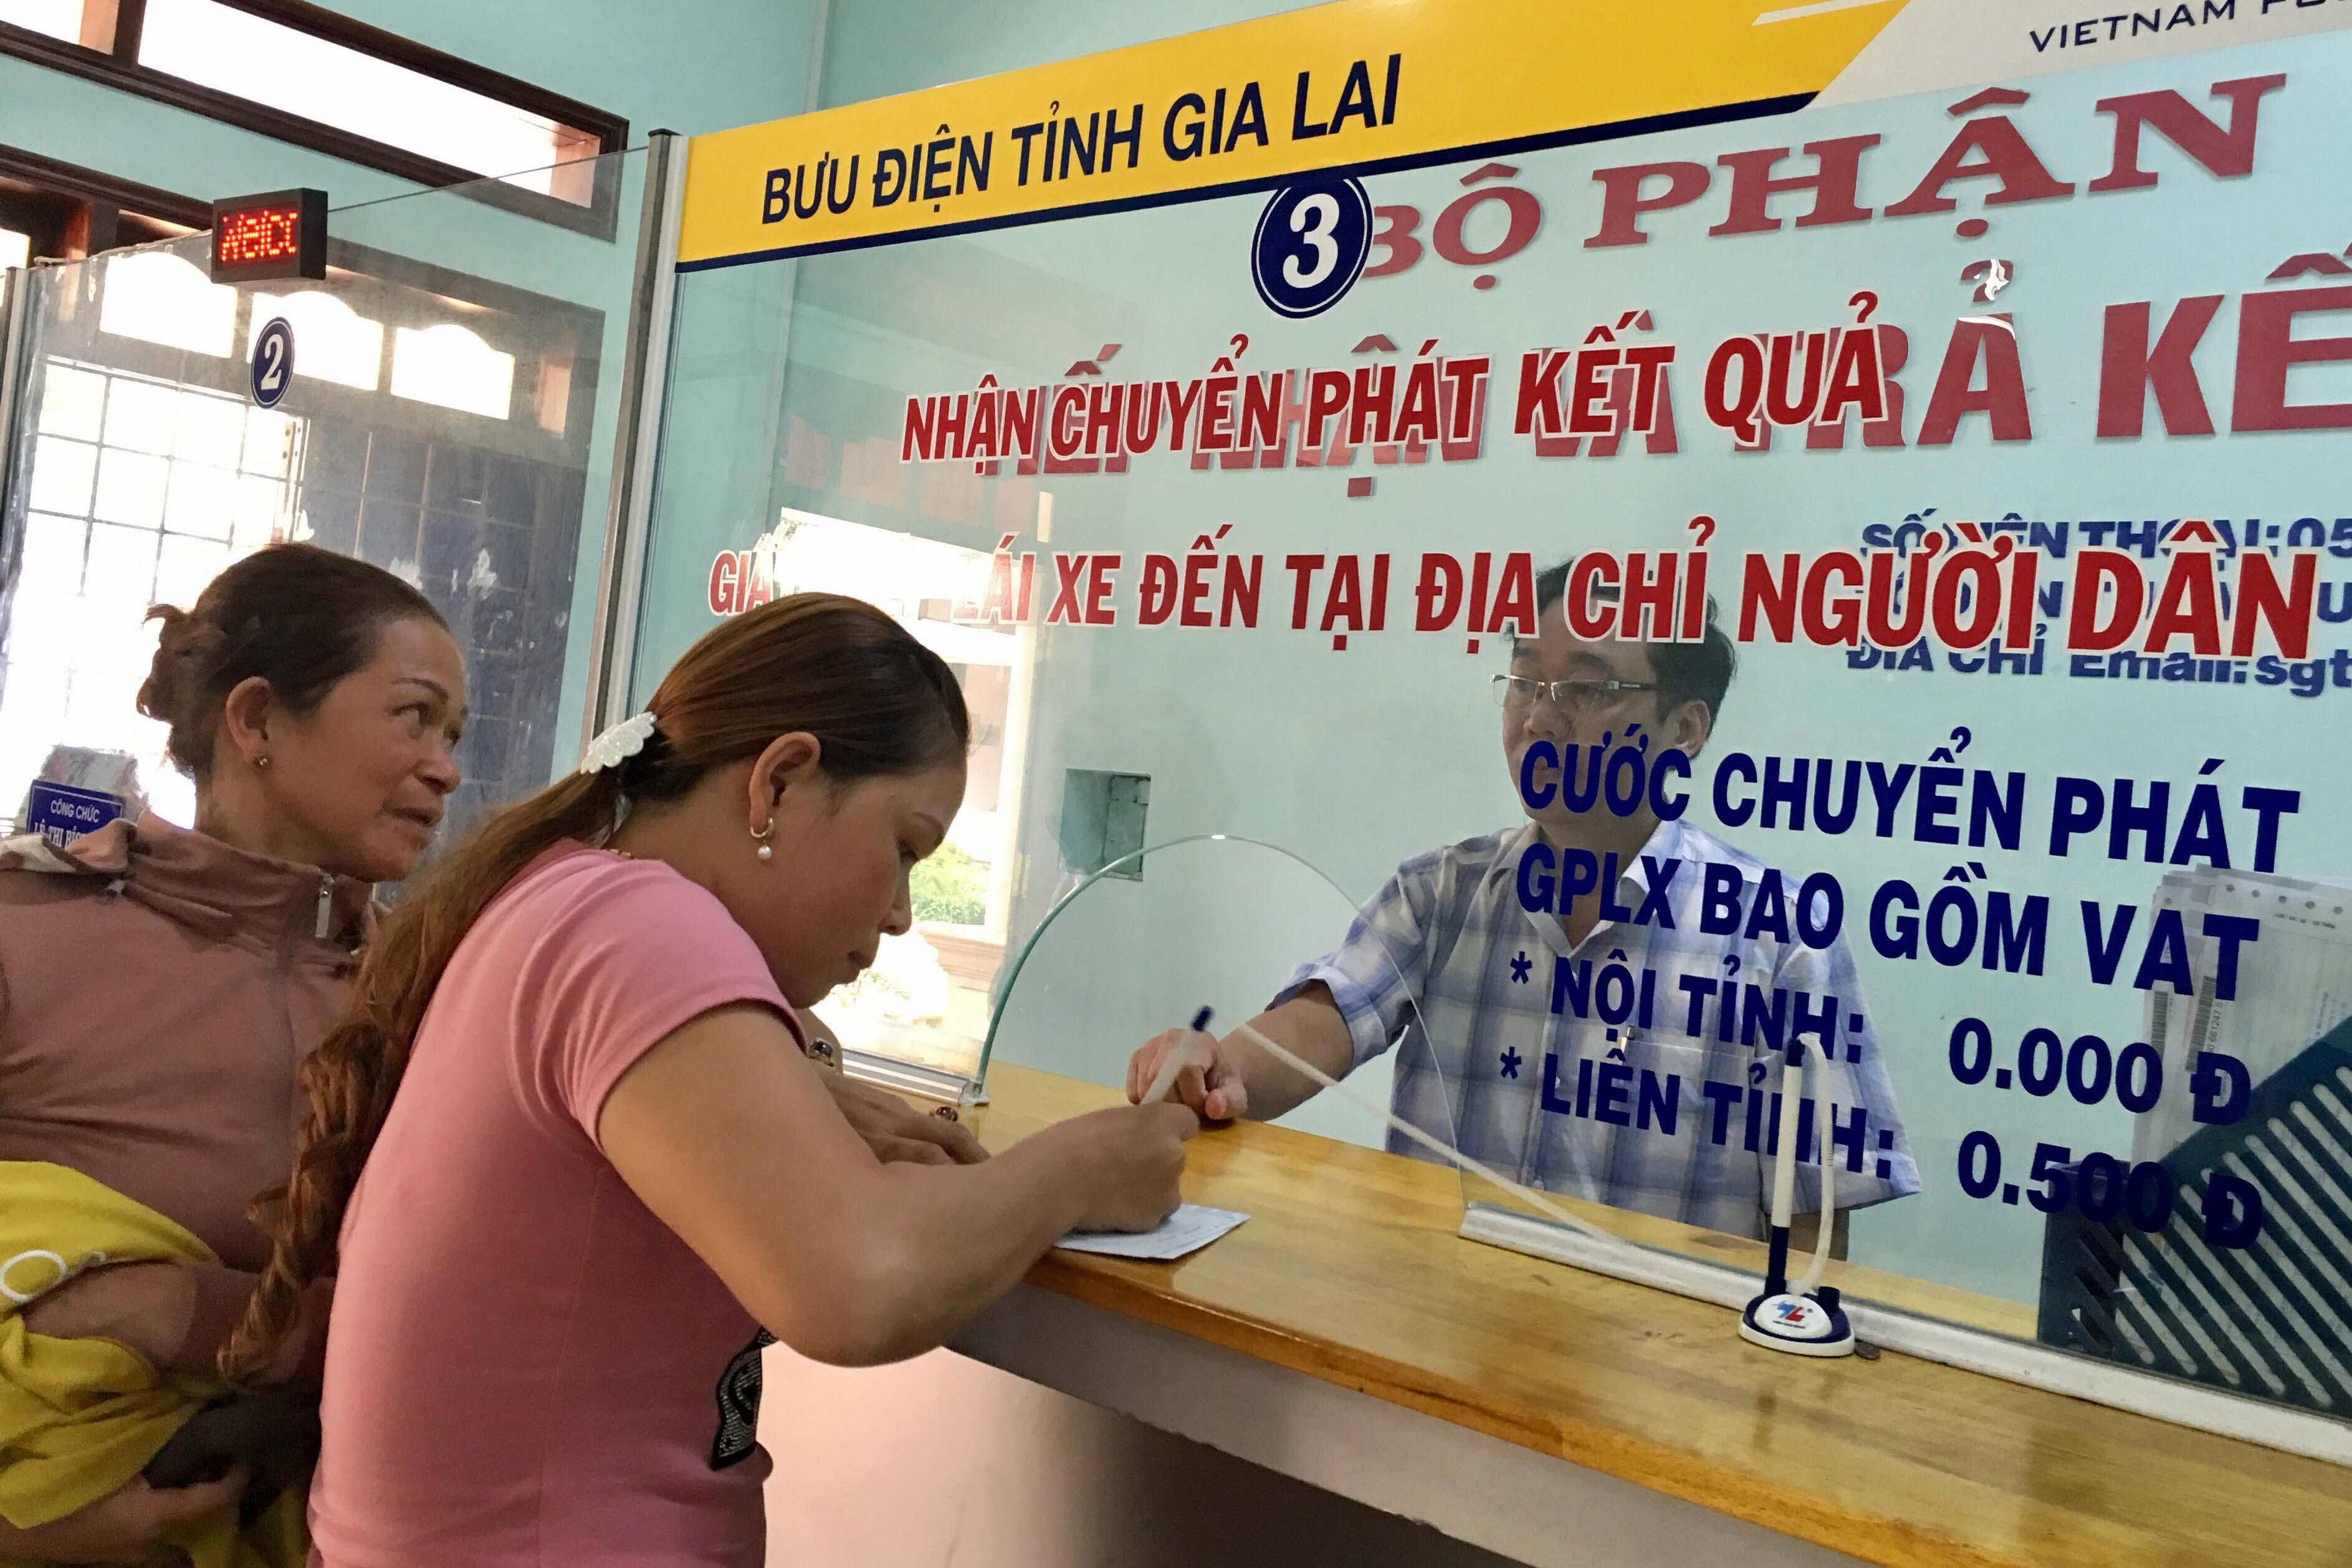 Các bước cấp Giấy phép kinh doanh dịch vụ bưu chính đúng luật